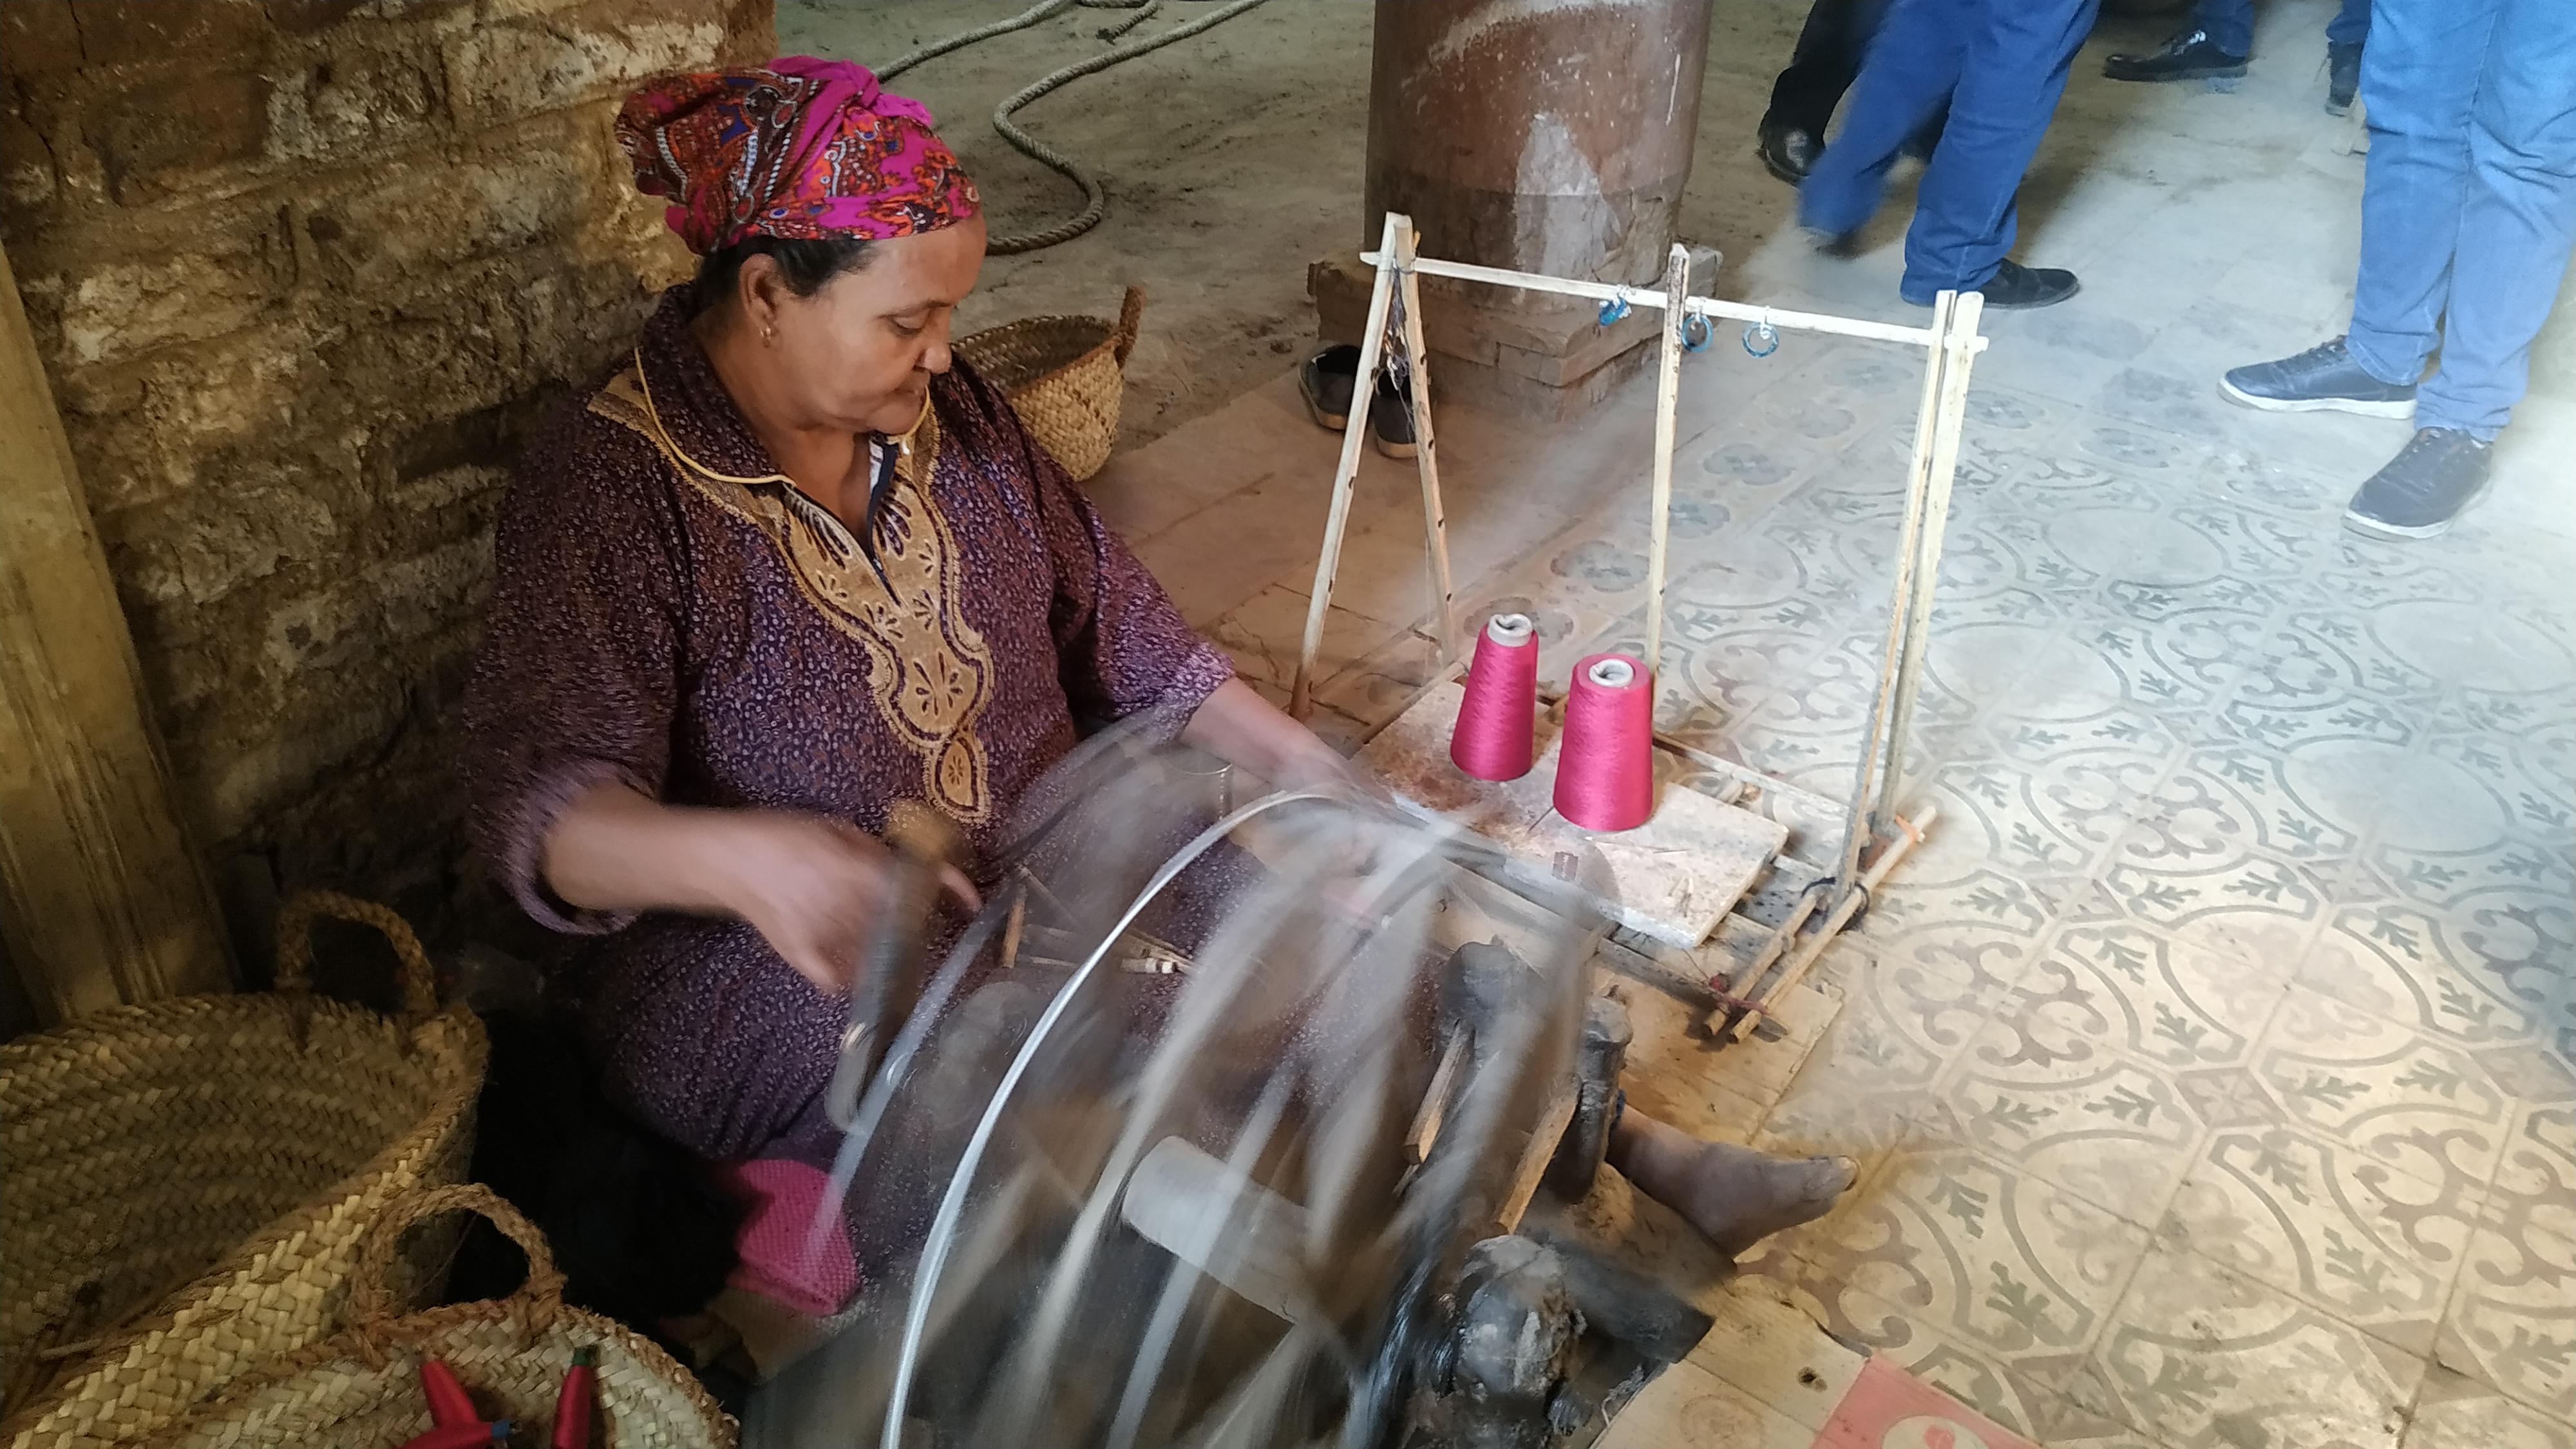 إحدى السيدات تجمع الخيوط على البكرات